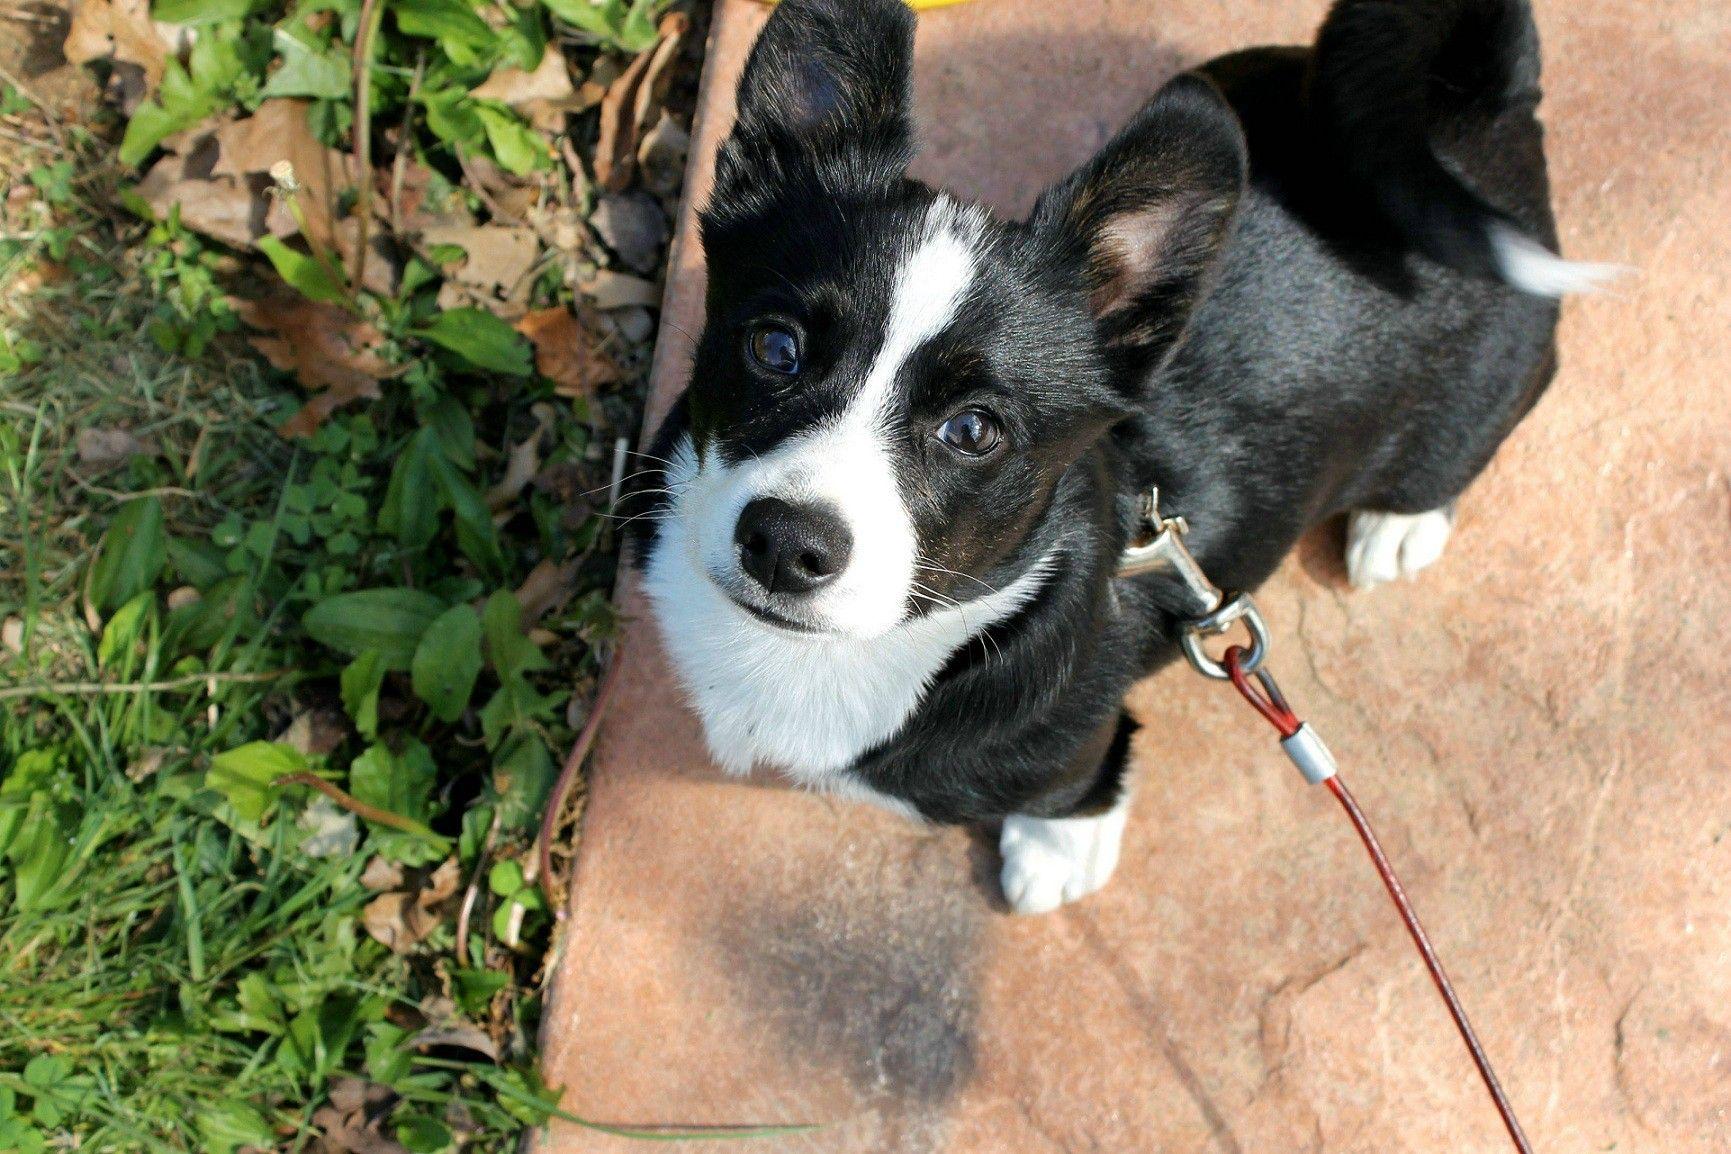 Pin By Blackbird Design Studio On Woof Woof Corgi Terrier Mix Terrier Mix Breeds Terrier